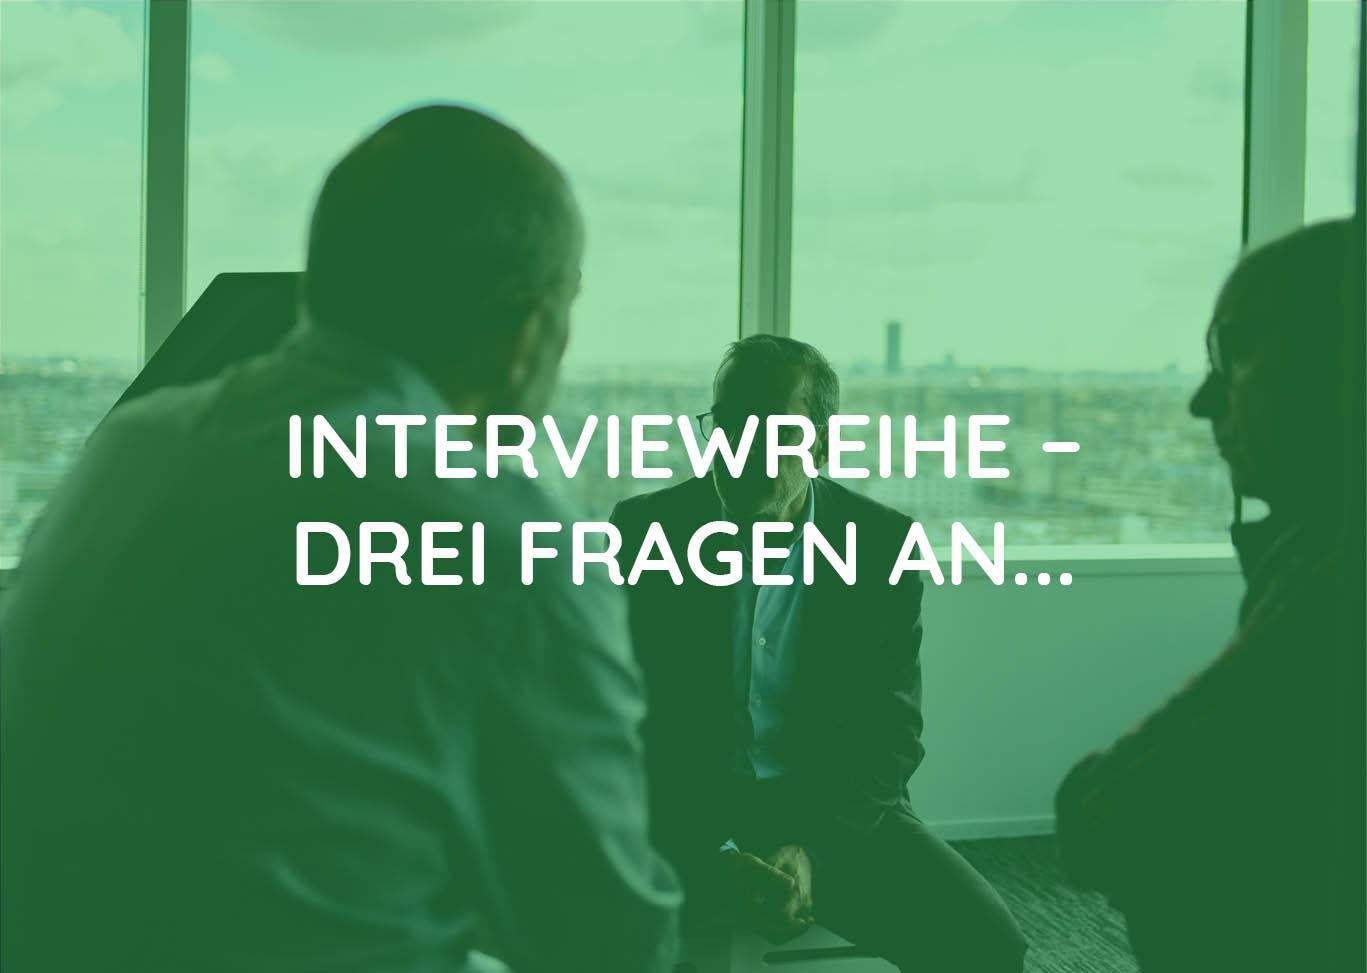 Interviewreihe scrappel Drei Fragen an Teil 3